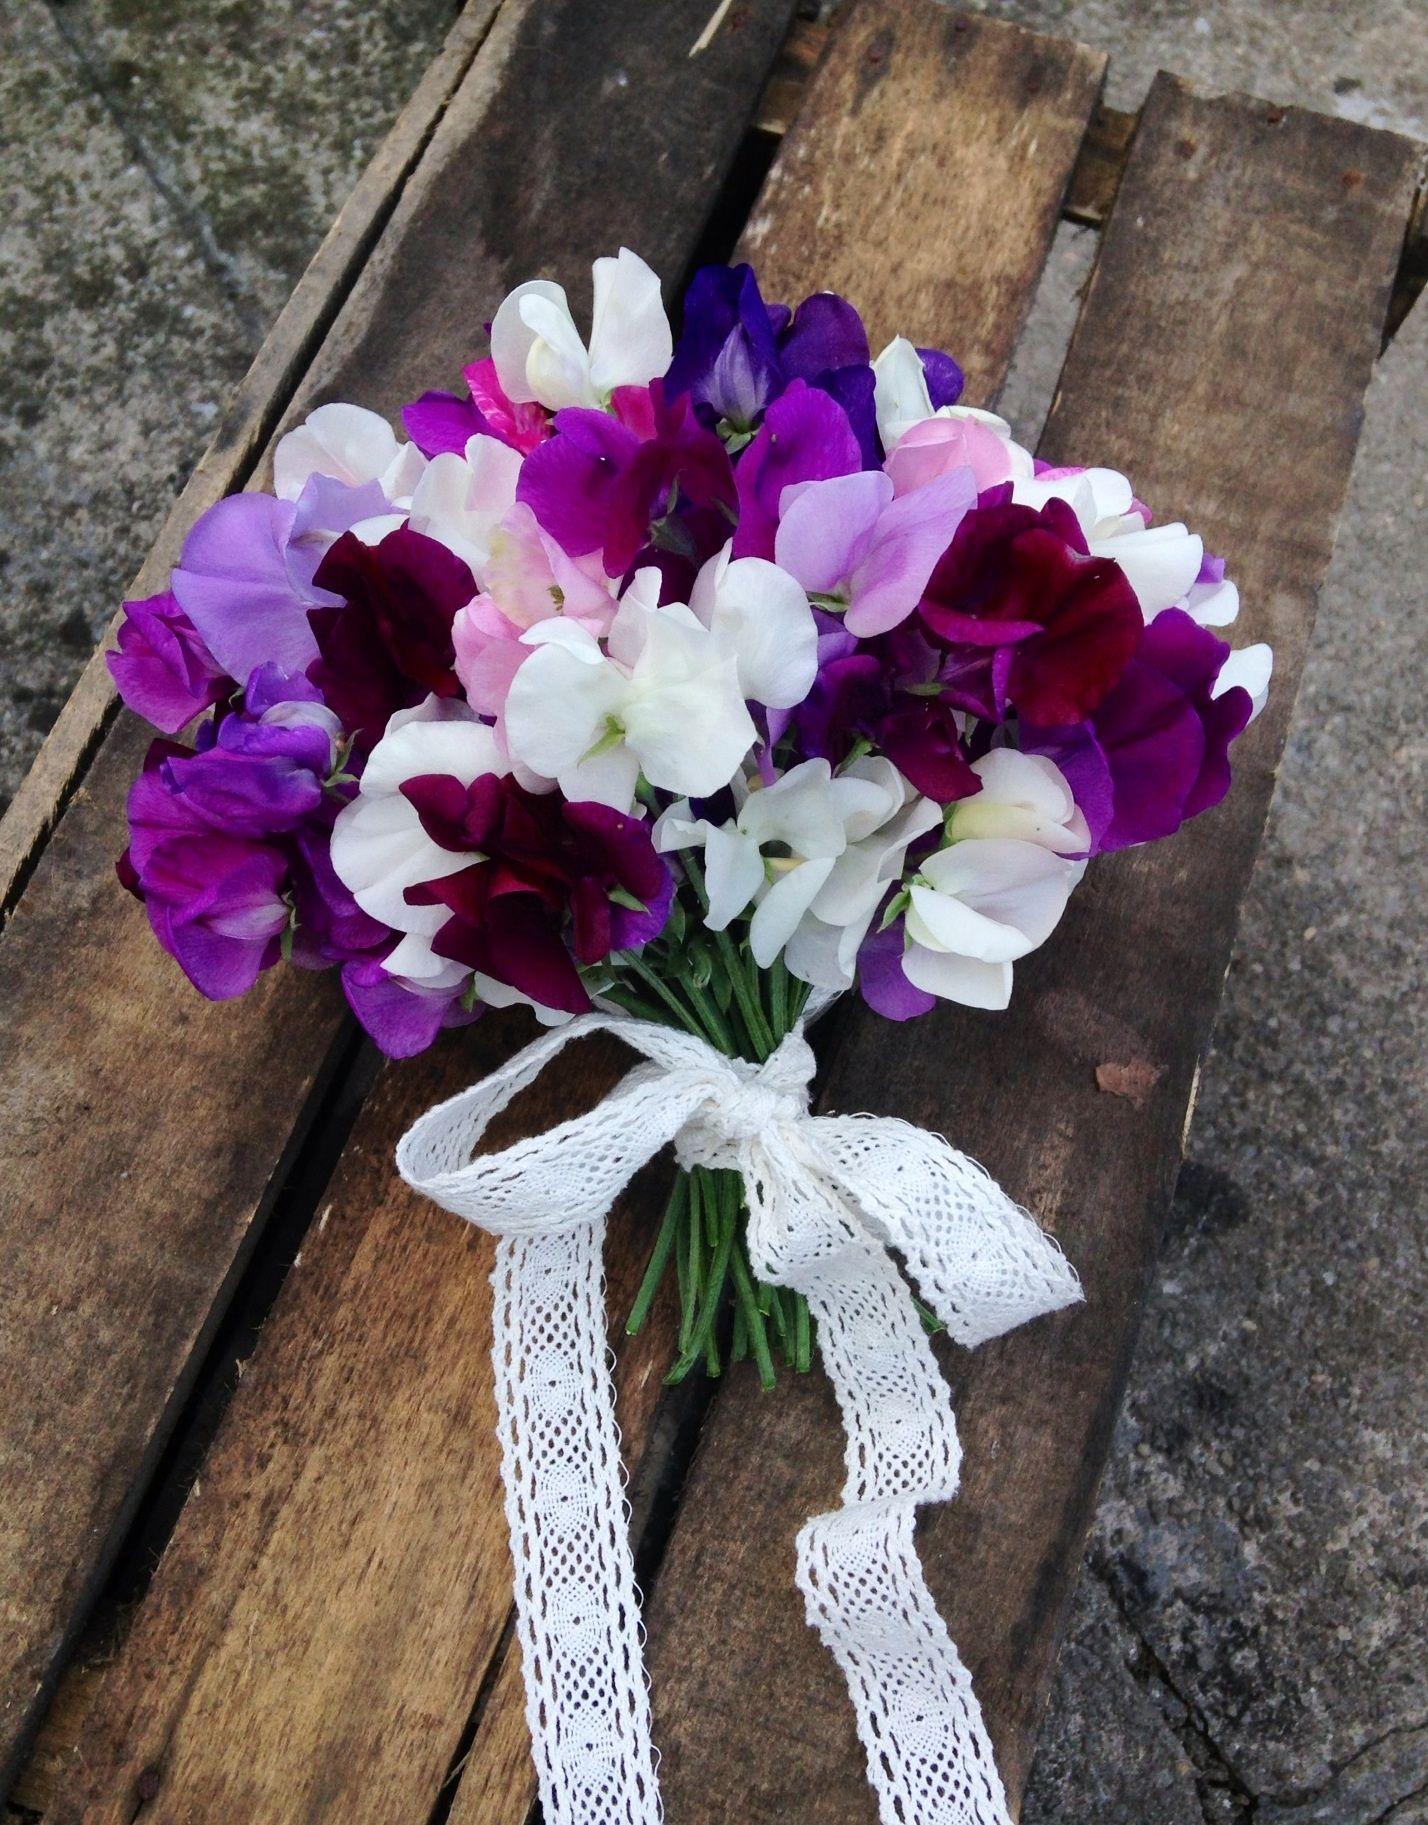 July Seasonal Wedding Flowers Sweet Pea Bouquet